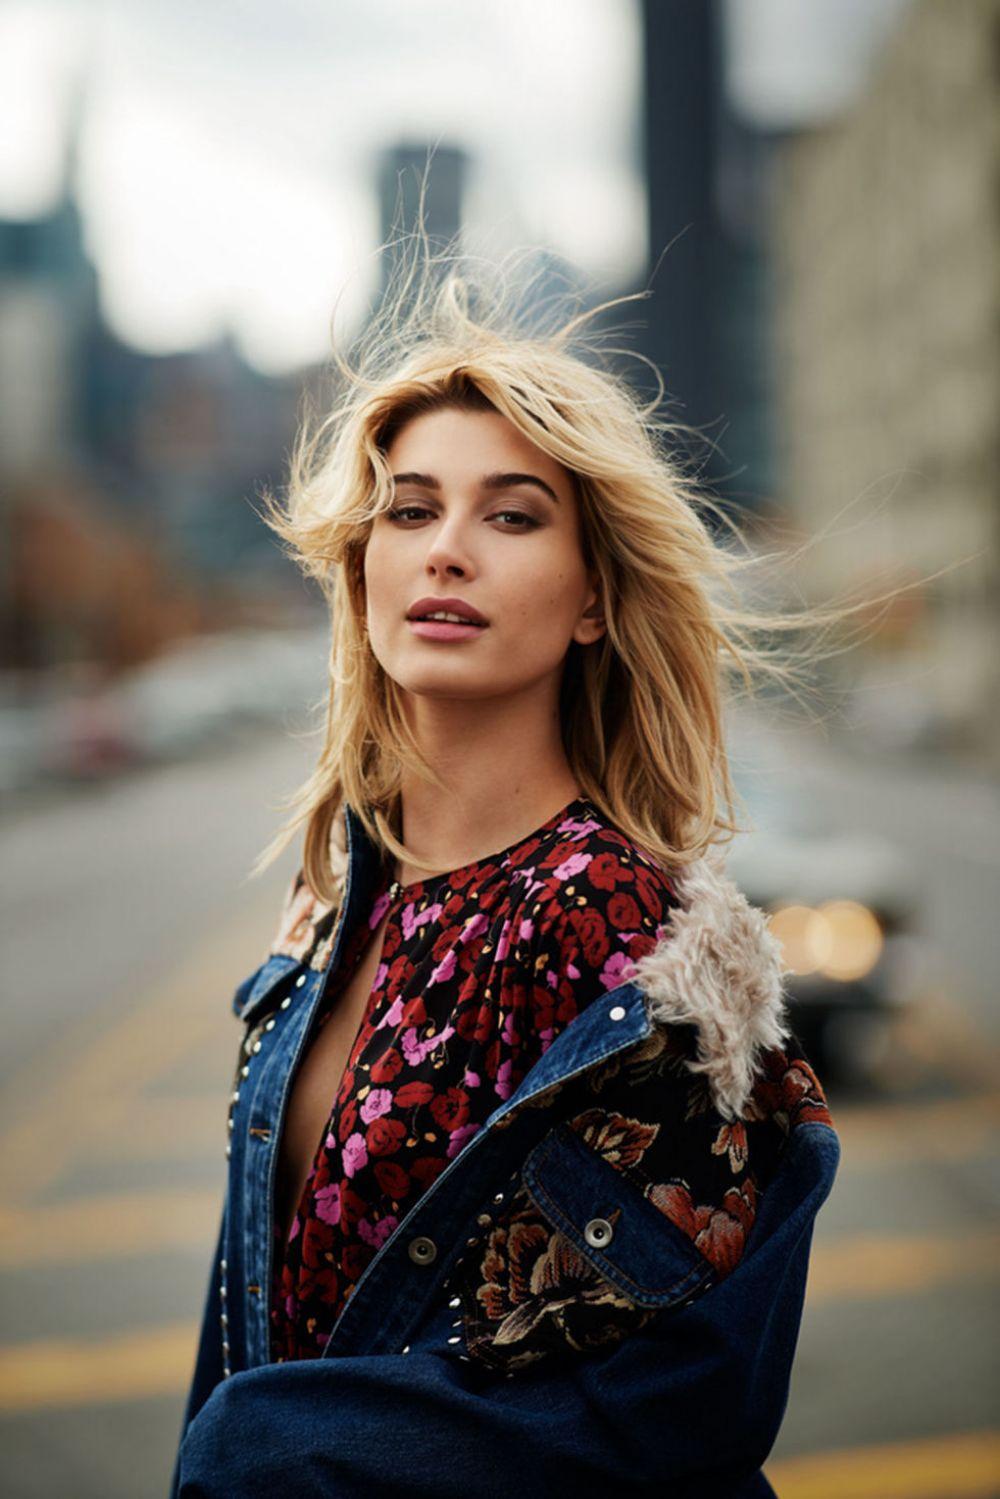 Hailey Baldwin In Fashion Magazine October 2017 Issue: HAILEY BALDWIN For Elle Magazine, UK July 2017